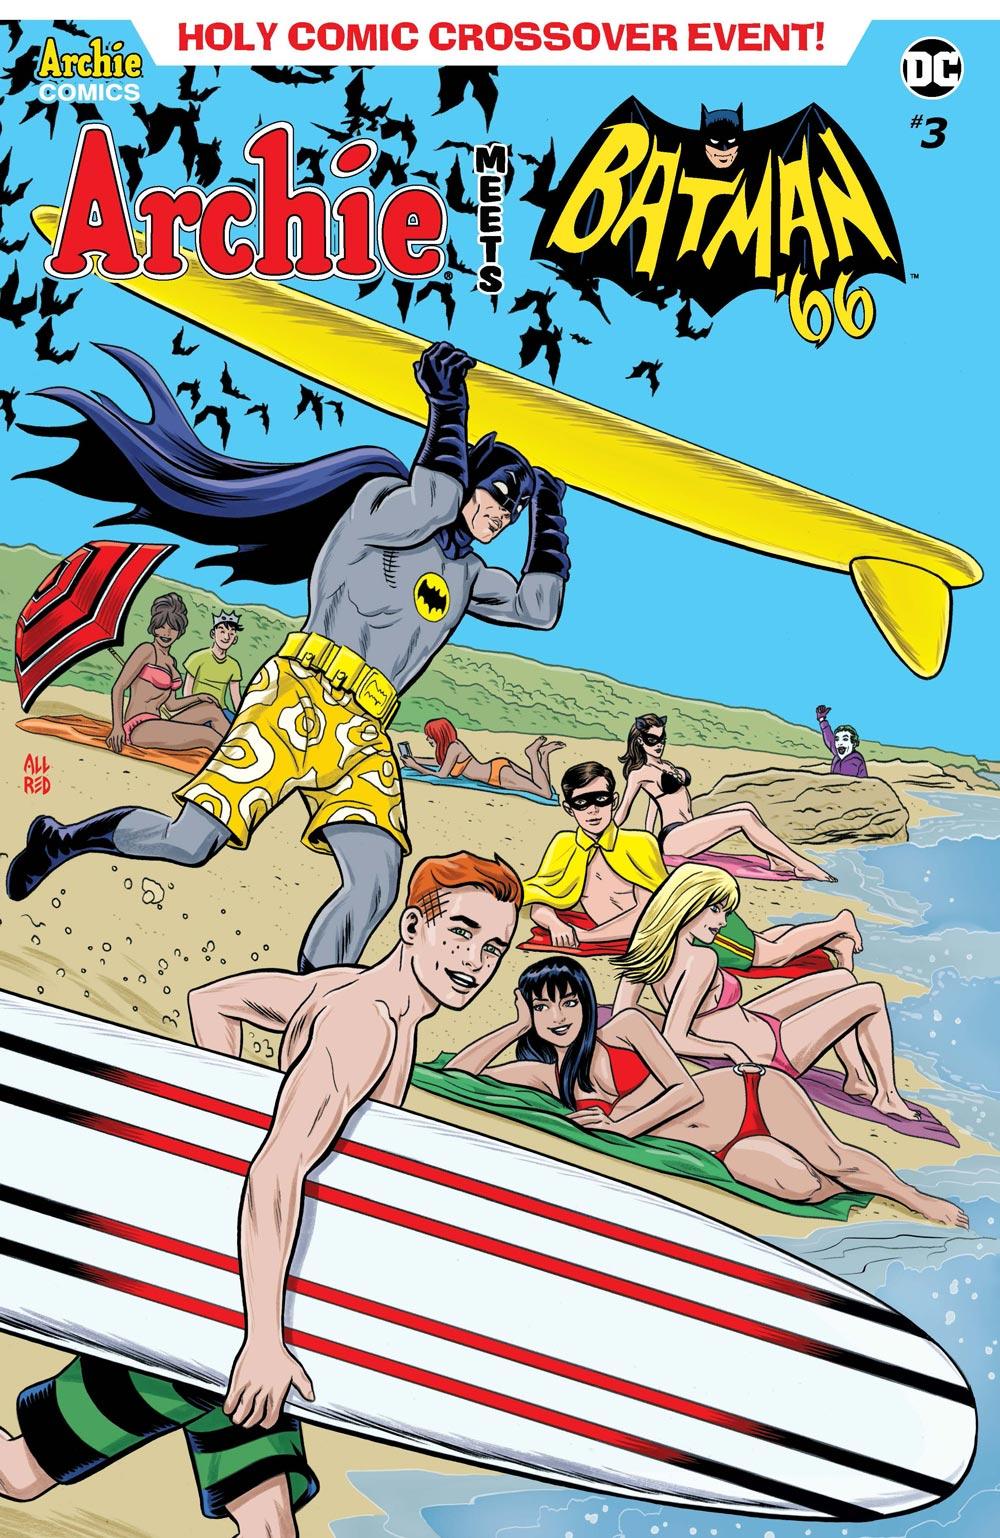 Archie Meets Batman '66 #3 2018